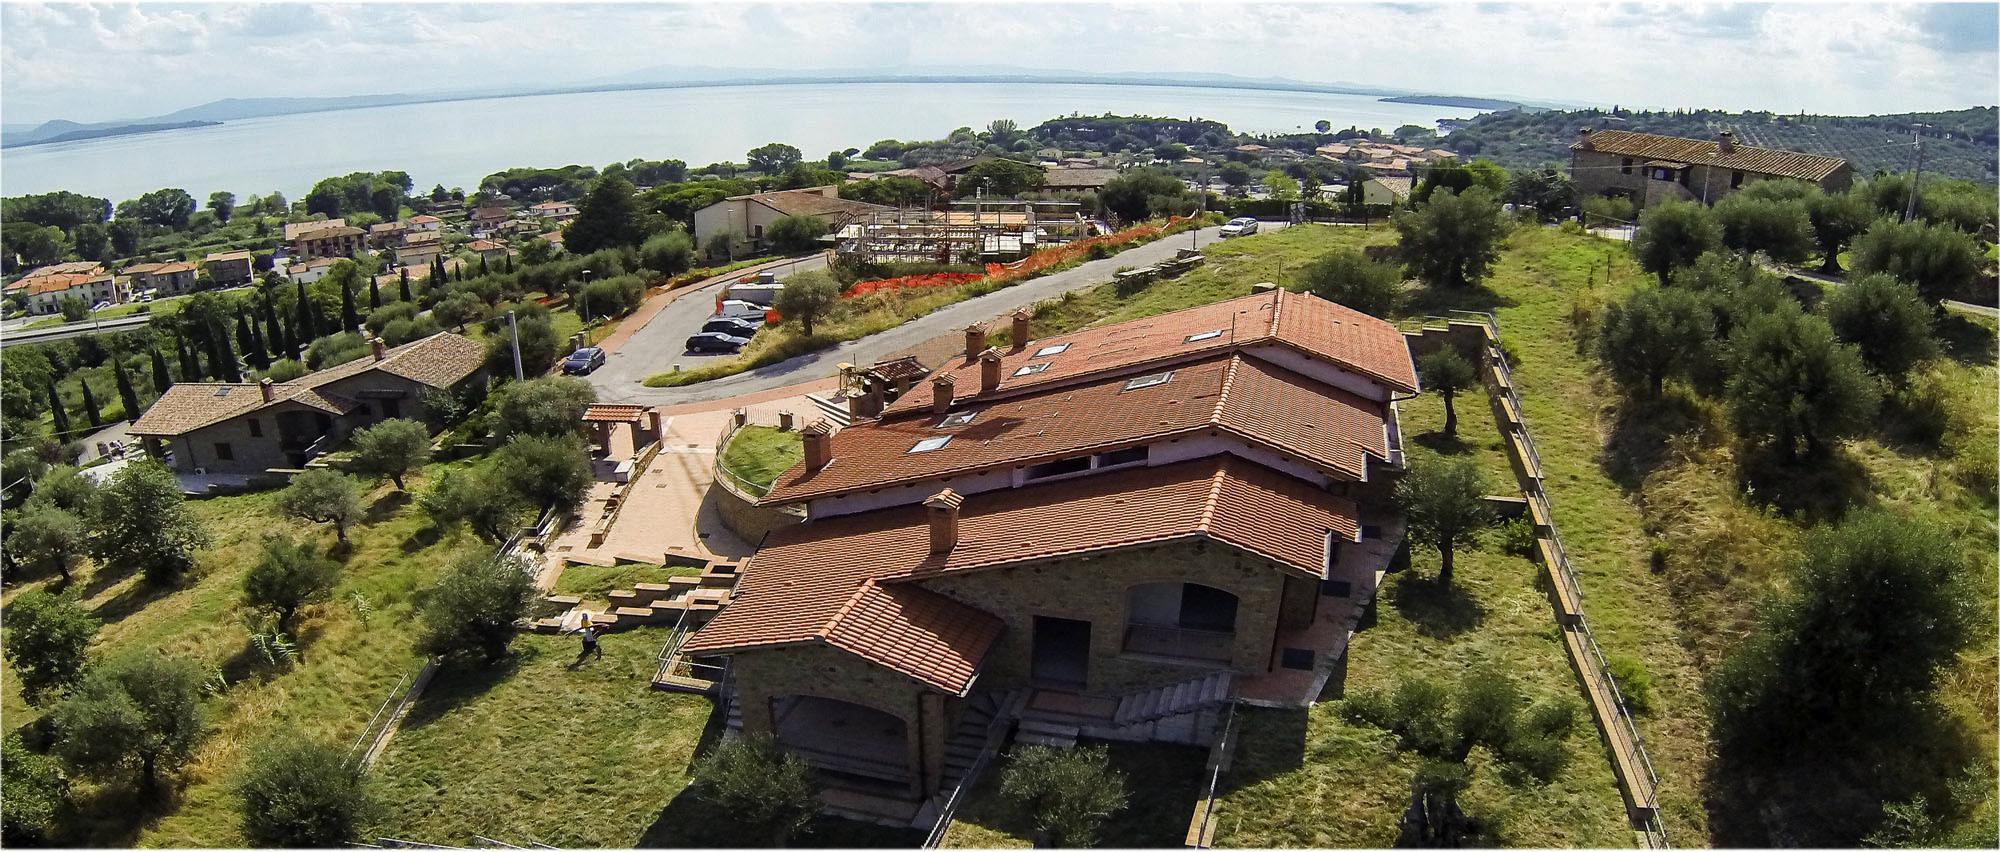 Casa in vendita a Passignano sul Trasimeno